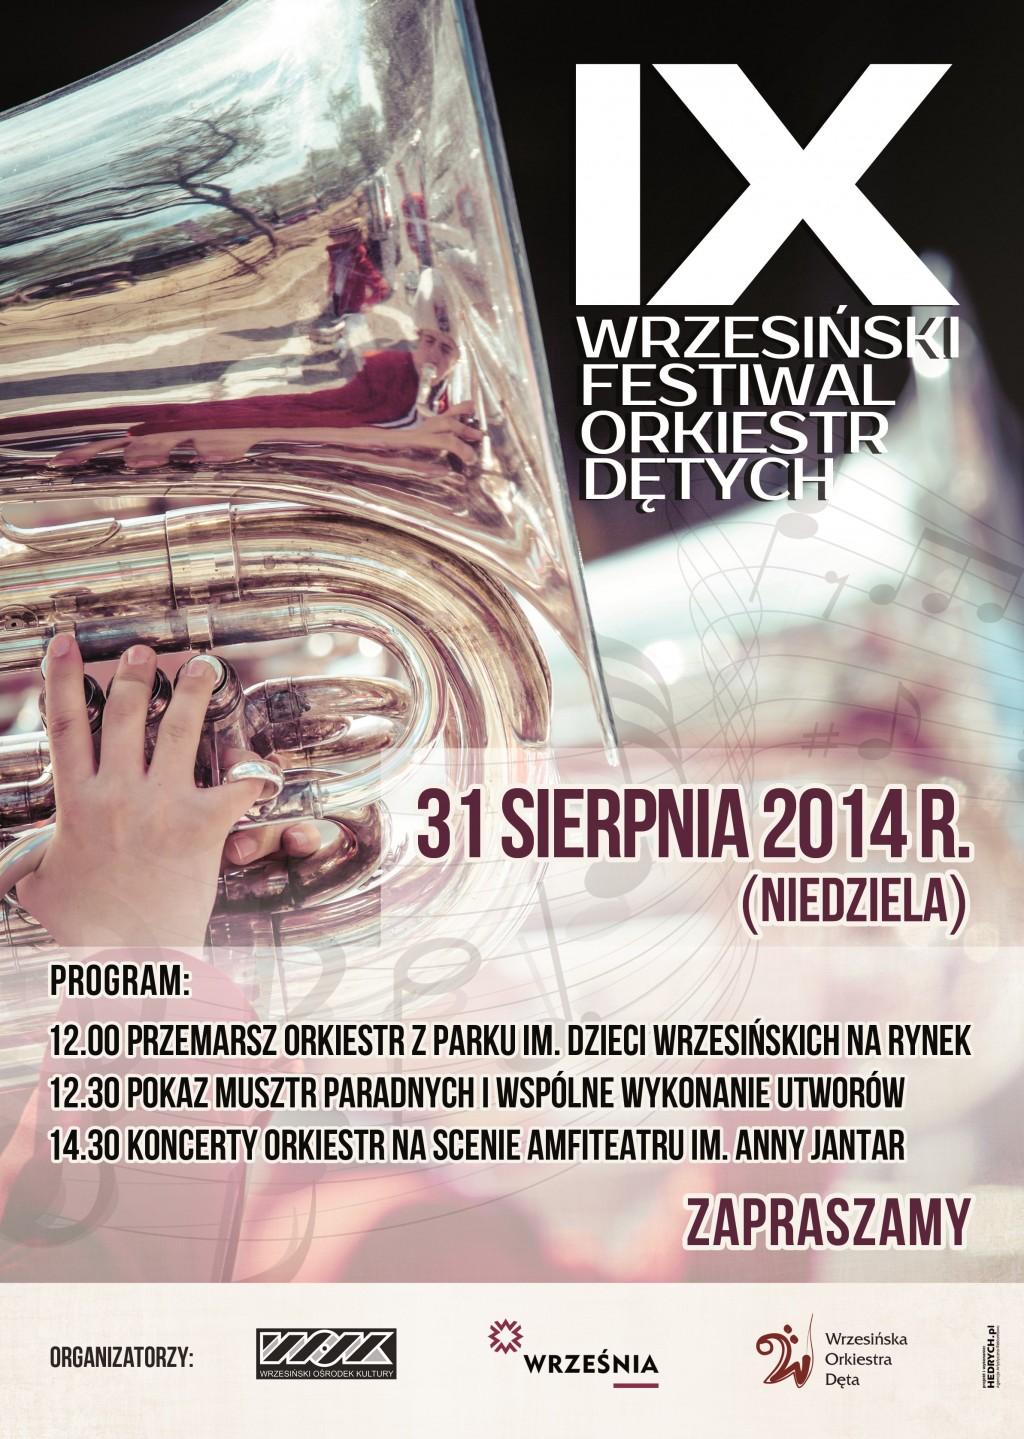 Festiwal Wrzesnia 2014